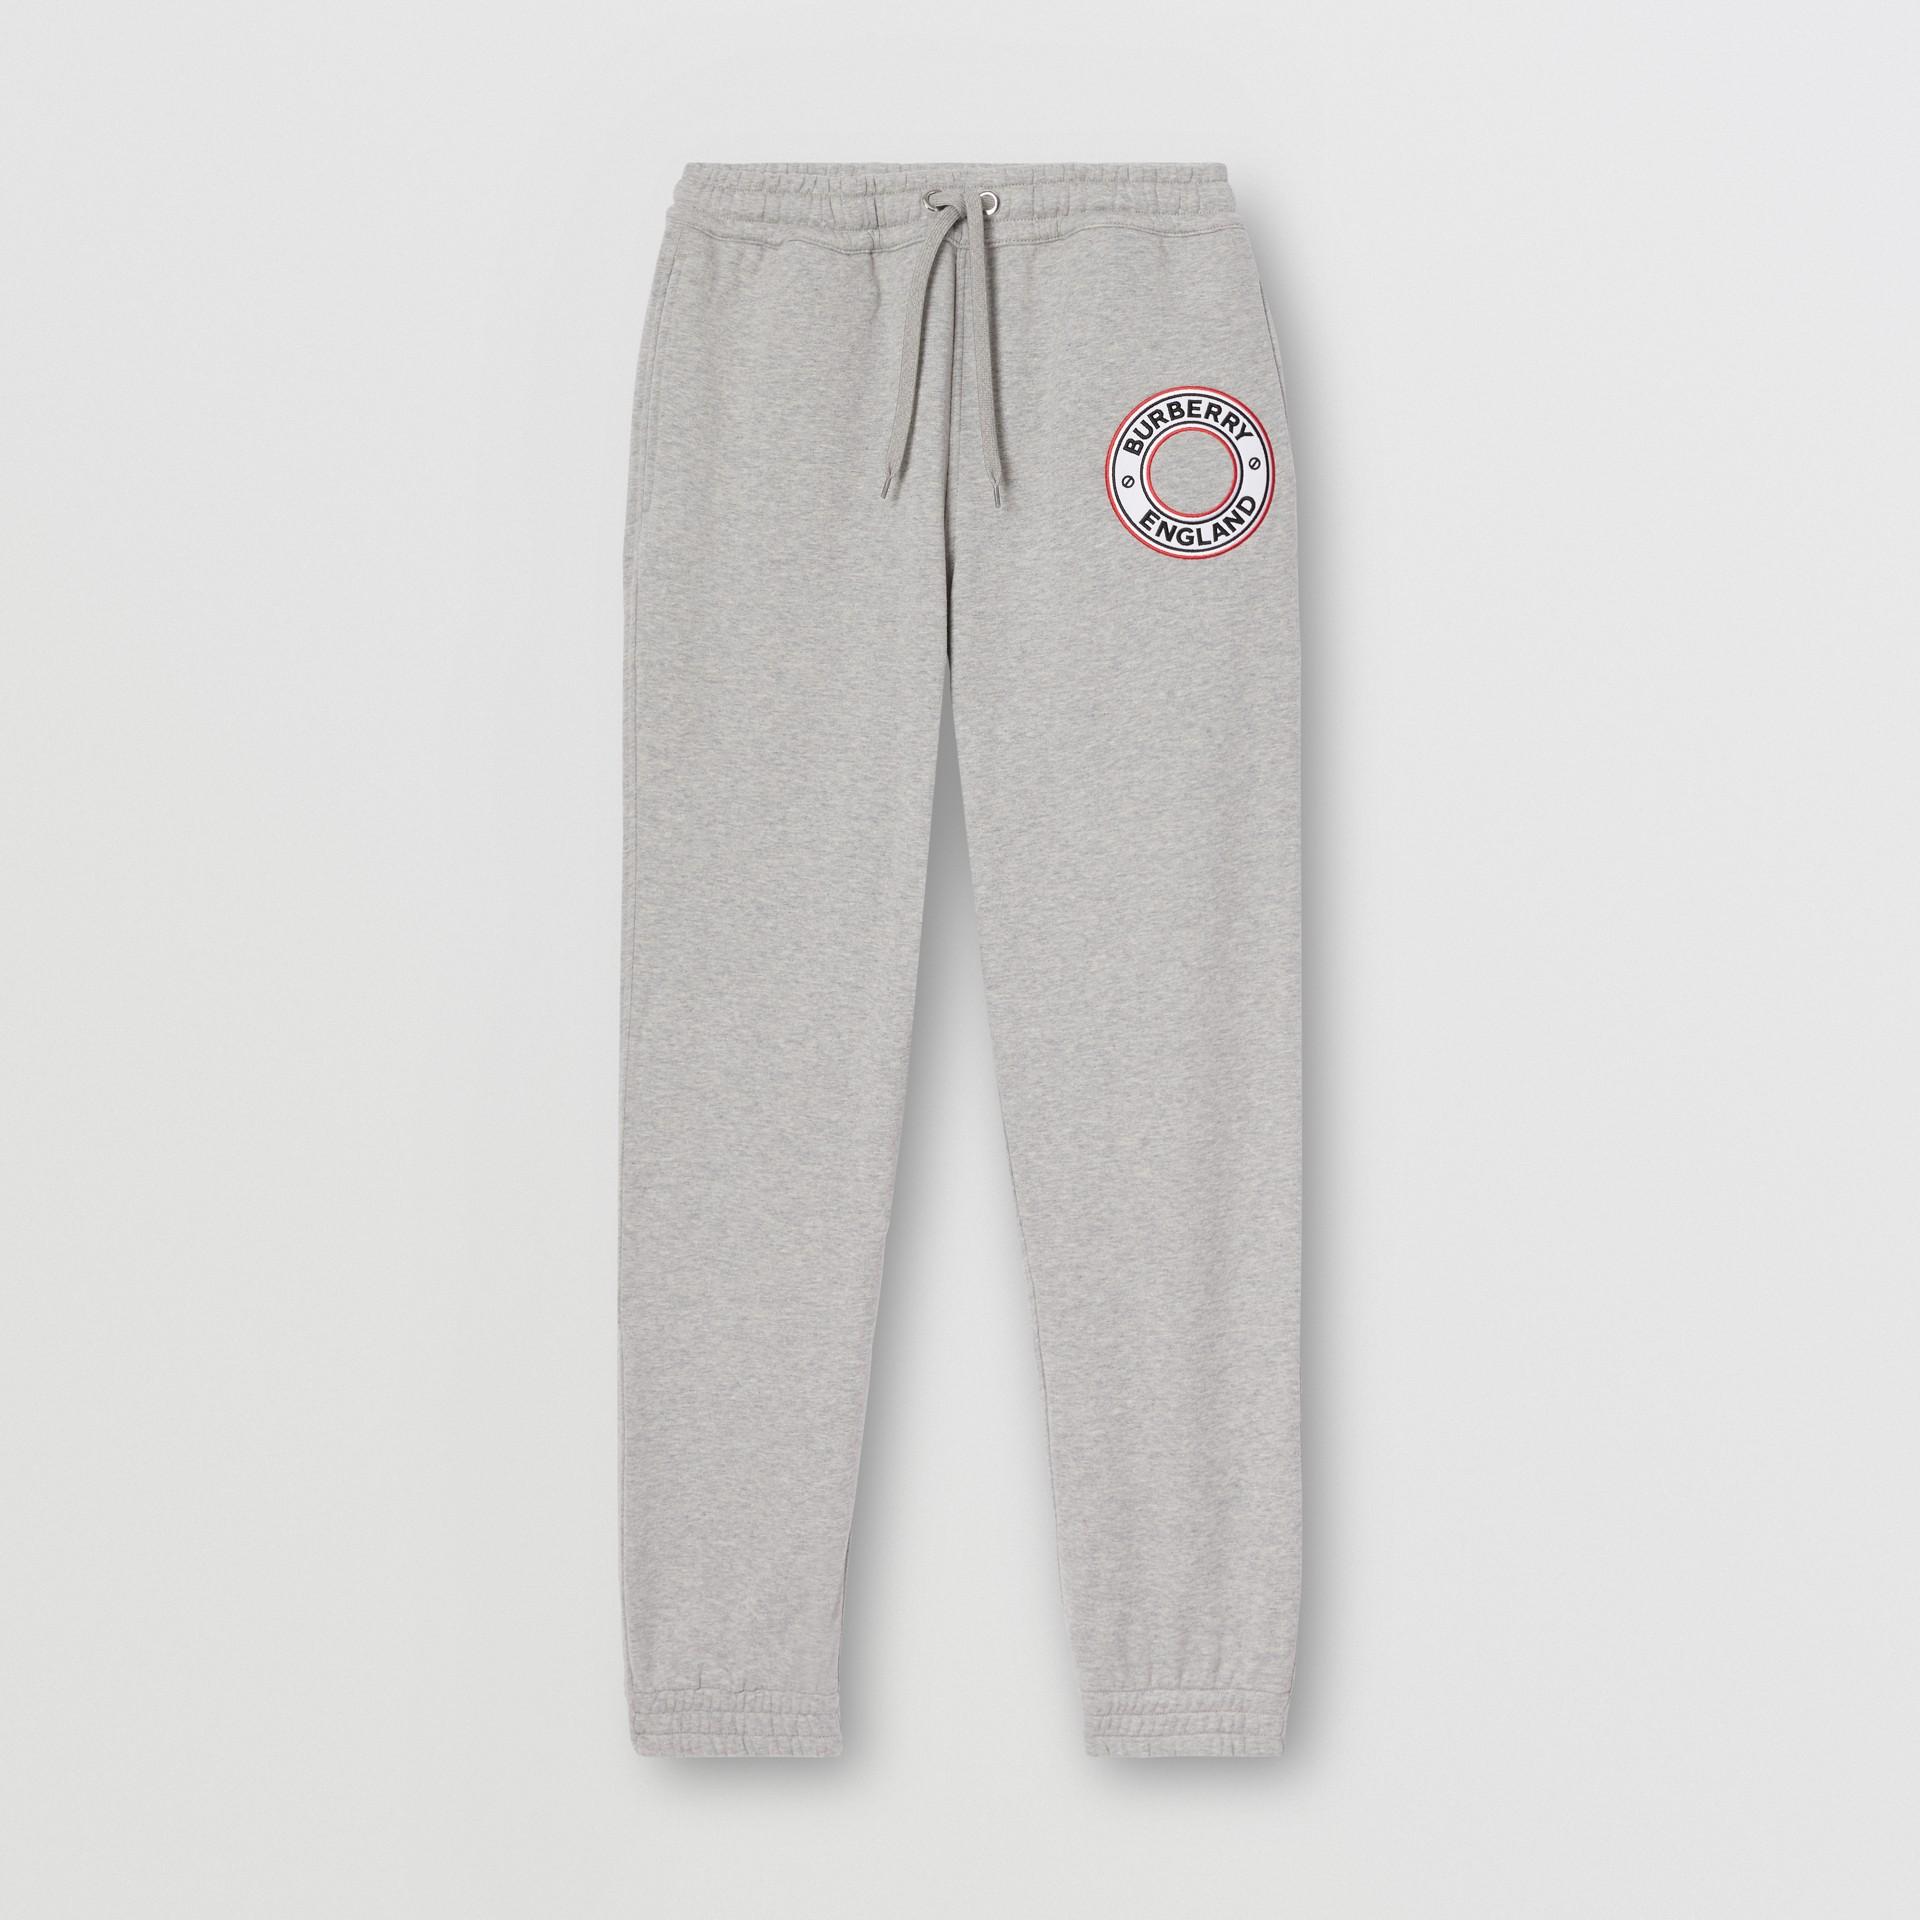 Logo Graphic Appliqué Cotton Jogging Pants in Pale Grey Melange - Men | Burberry - gallery image 3